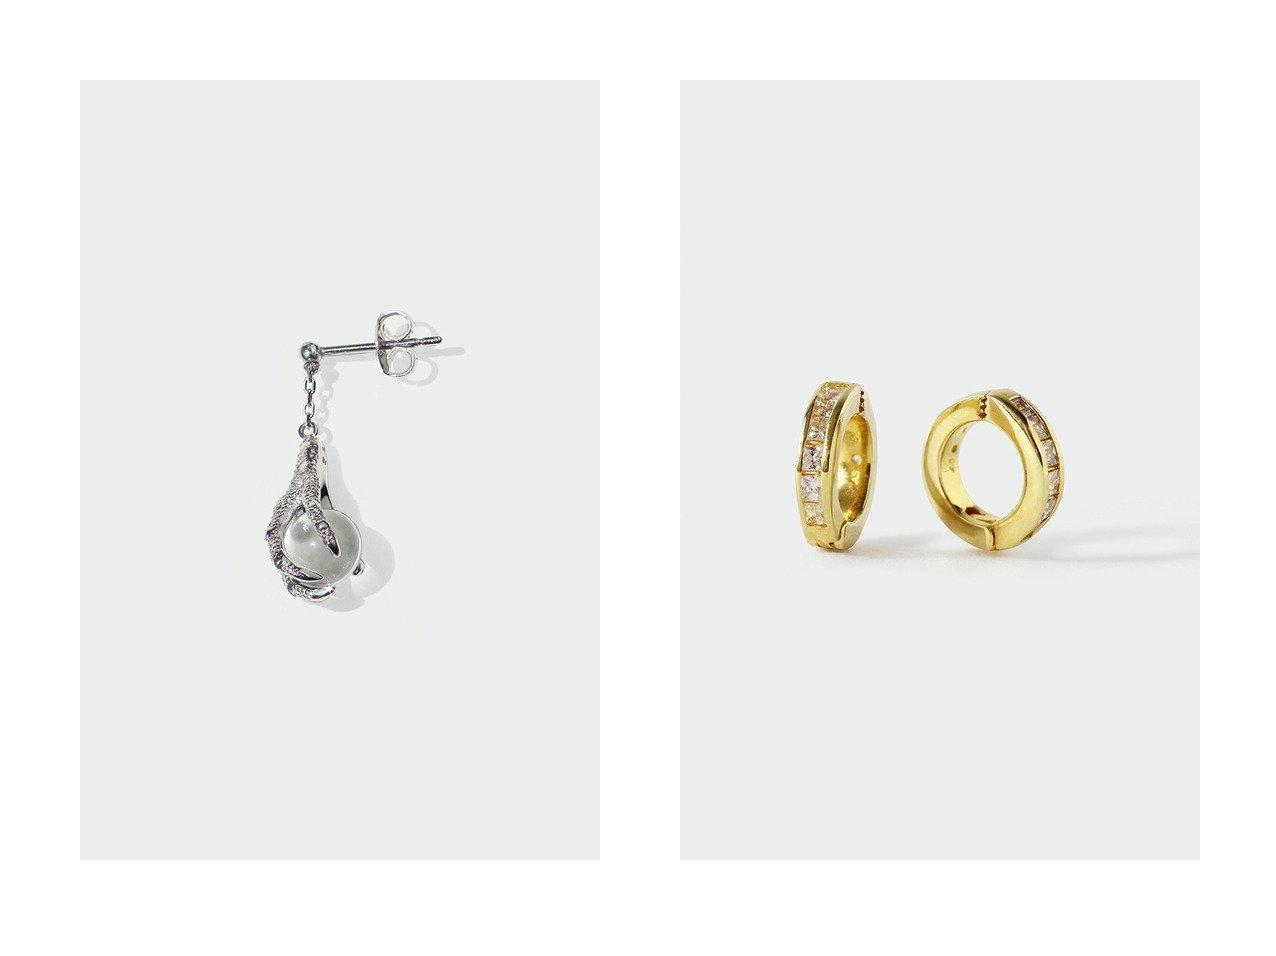 【AYAMI jewelry/アヤミ ジュエリー】のAvec Dinosaur ピアス(片耳用)&Channel Setting イヤリング 【アクセサリー・ジュエリー】おすすめ!人気、トレンド・レディースファッションの通販 おすすめで人気の流行・トレンド、ファッションの通販商品 インテリア・家具・メンズファッション・キッズファッション・レディースファッション・服の通販 founy(ファニー) https://founy.com/ ファッション Fashion レディースファッション WOMEN ジュエリー Jewelry リング Rings イヤリング Earrings イヤリング コレクション フォルム 再入荷 Restock/Back in Stock/Re Arrival 片耳 おすすめ Recommend フォーマル  ID:crp329100000072206